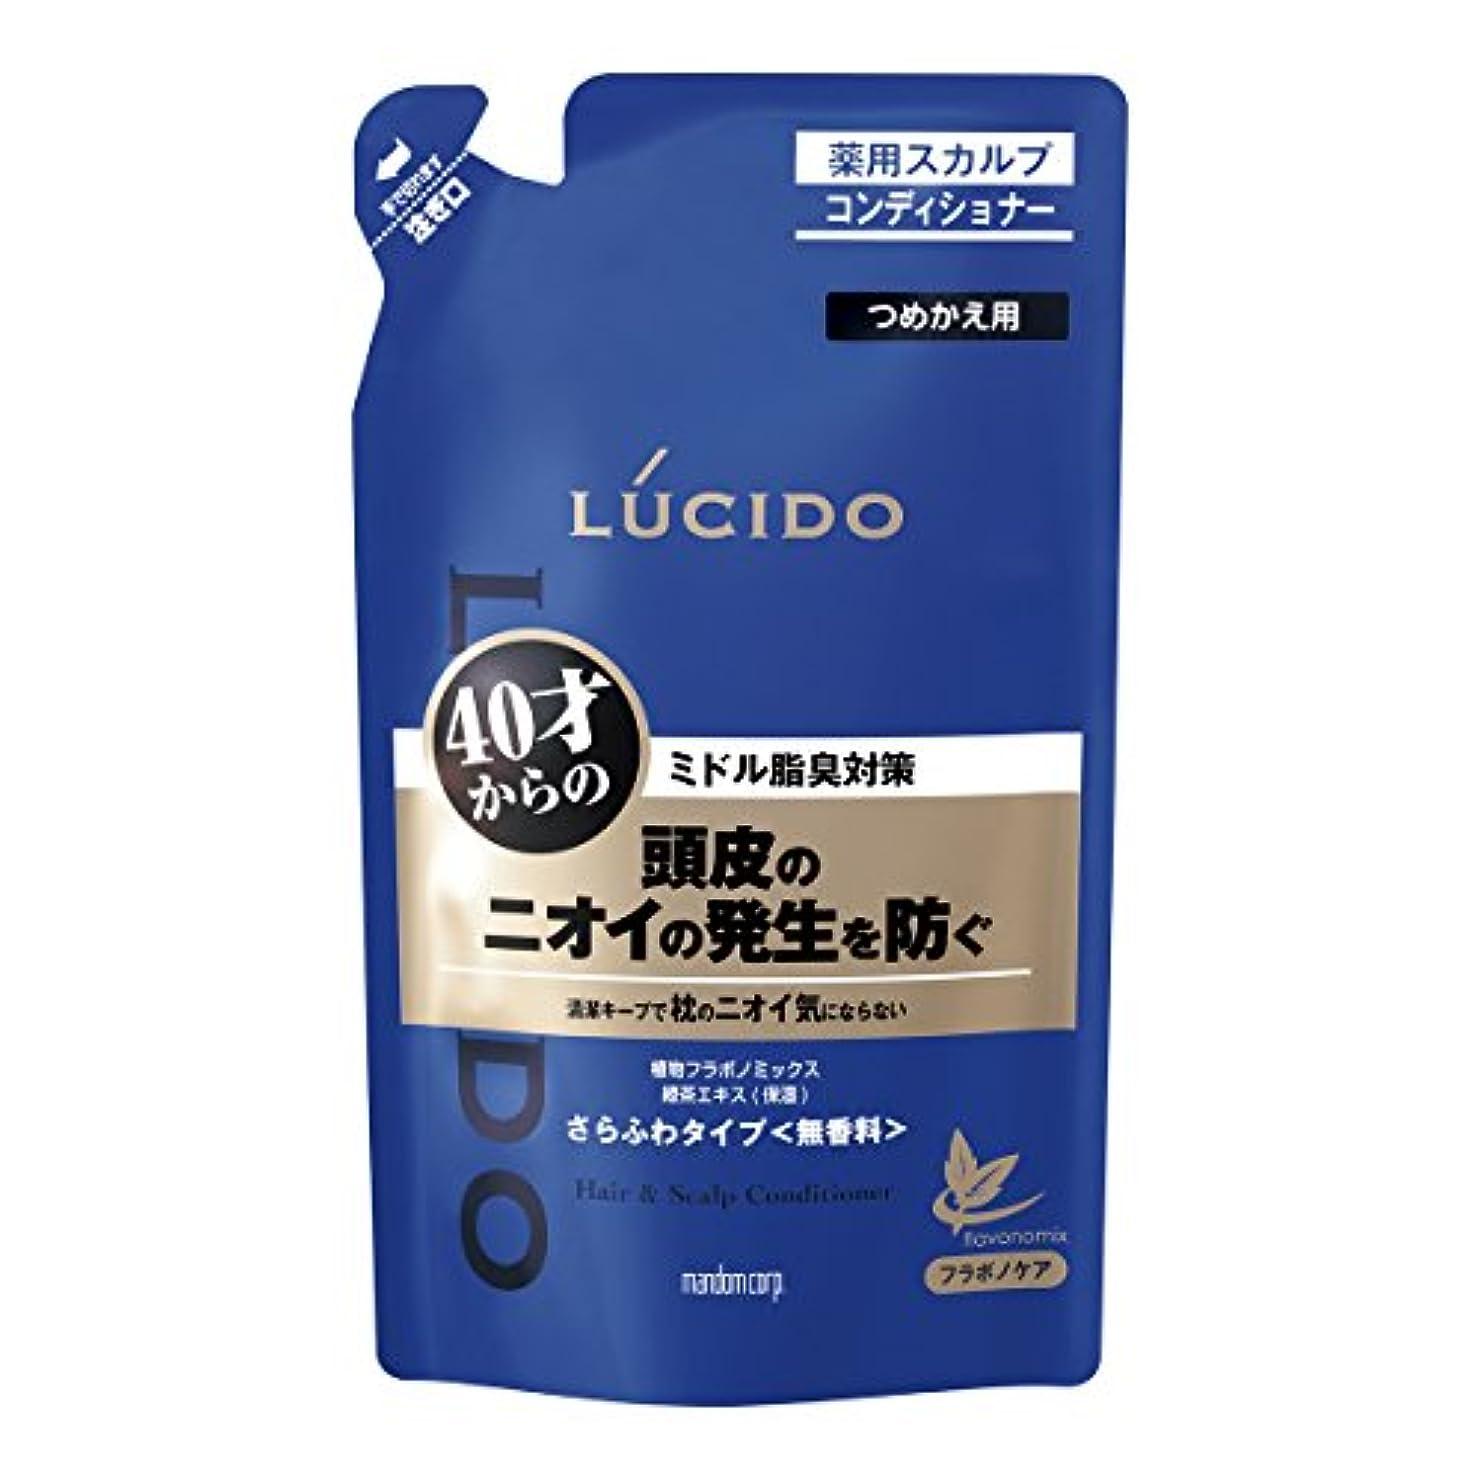 馬鹿野ウサギセットアップルシード 薬用ヘア&スカルプコンディショナー つめかえ用 380g(医薬部外品)